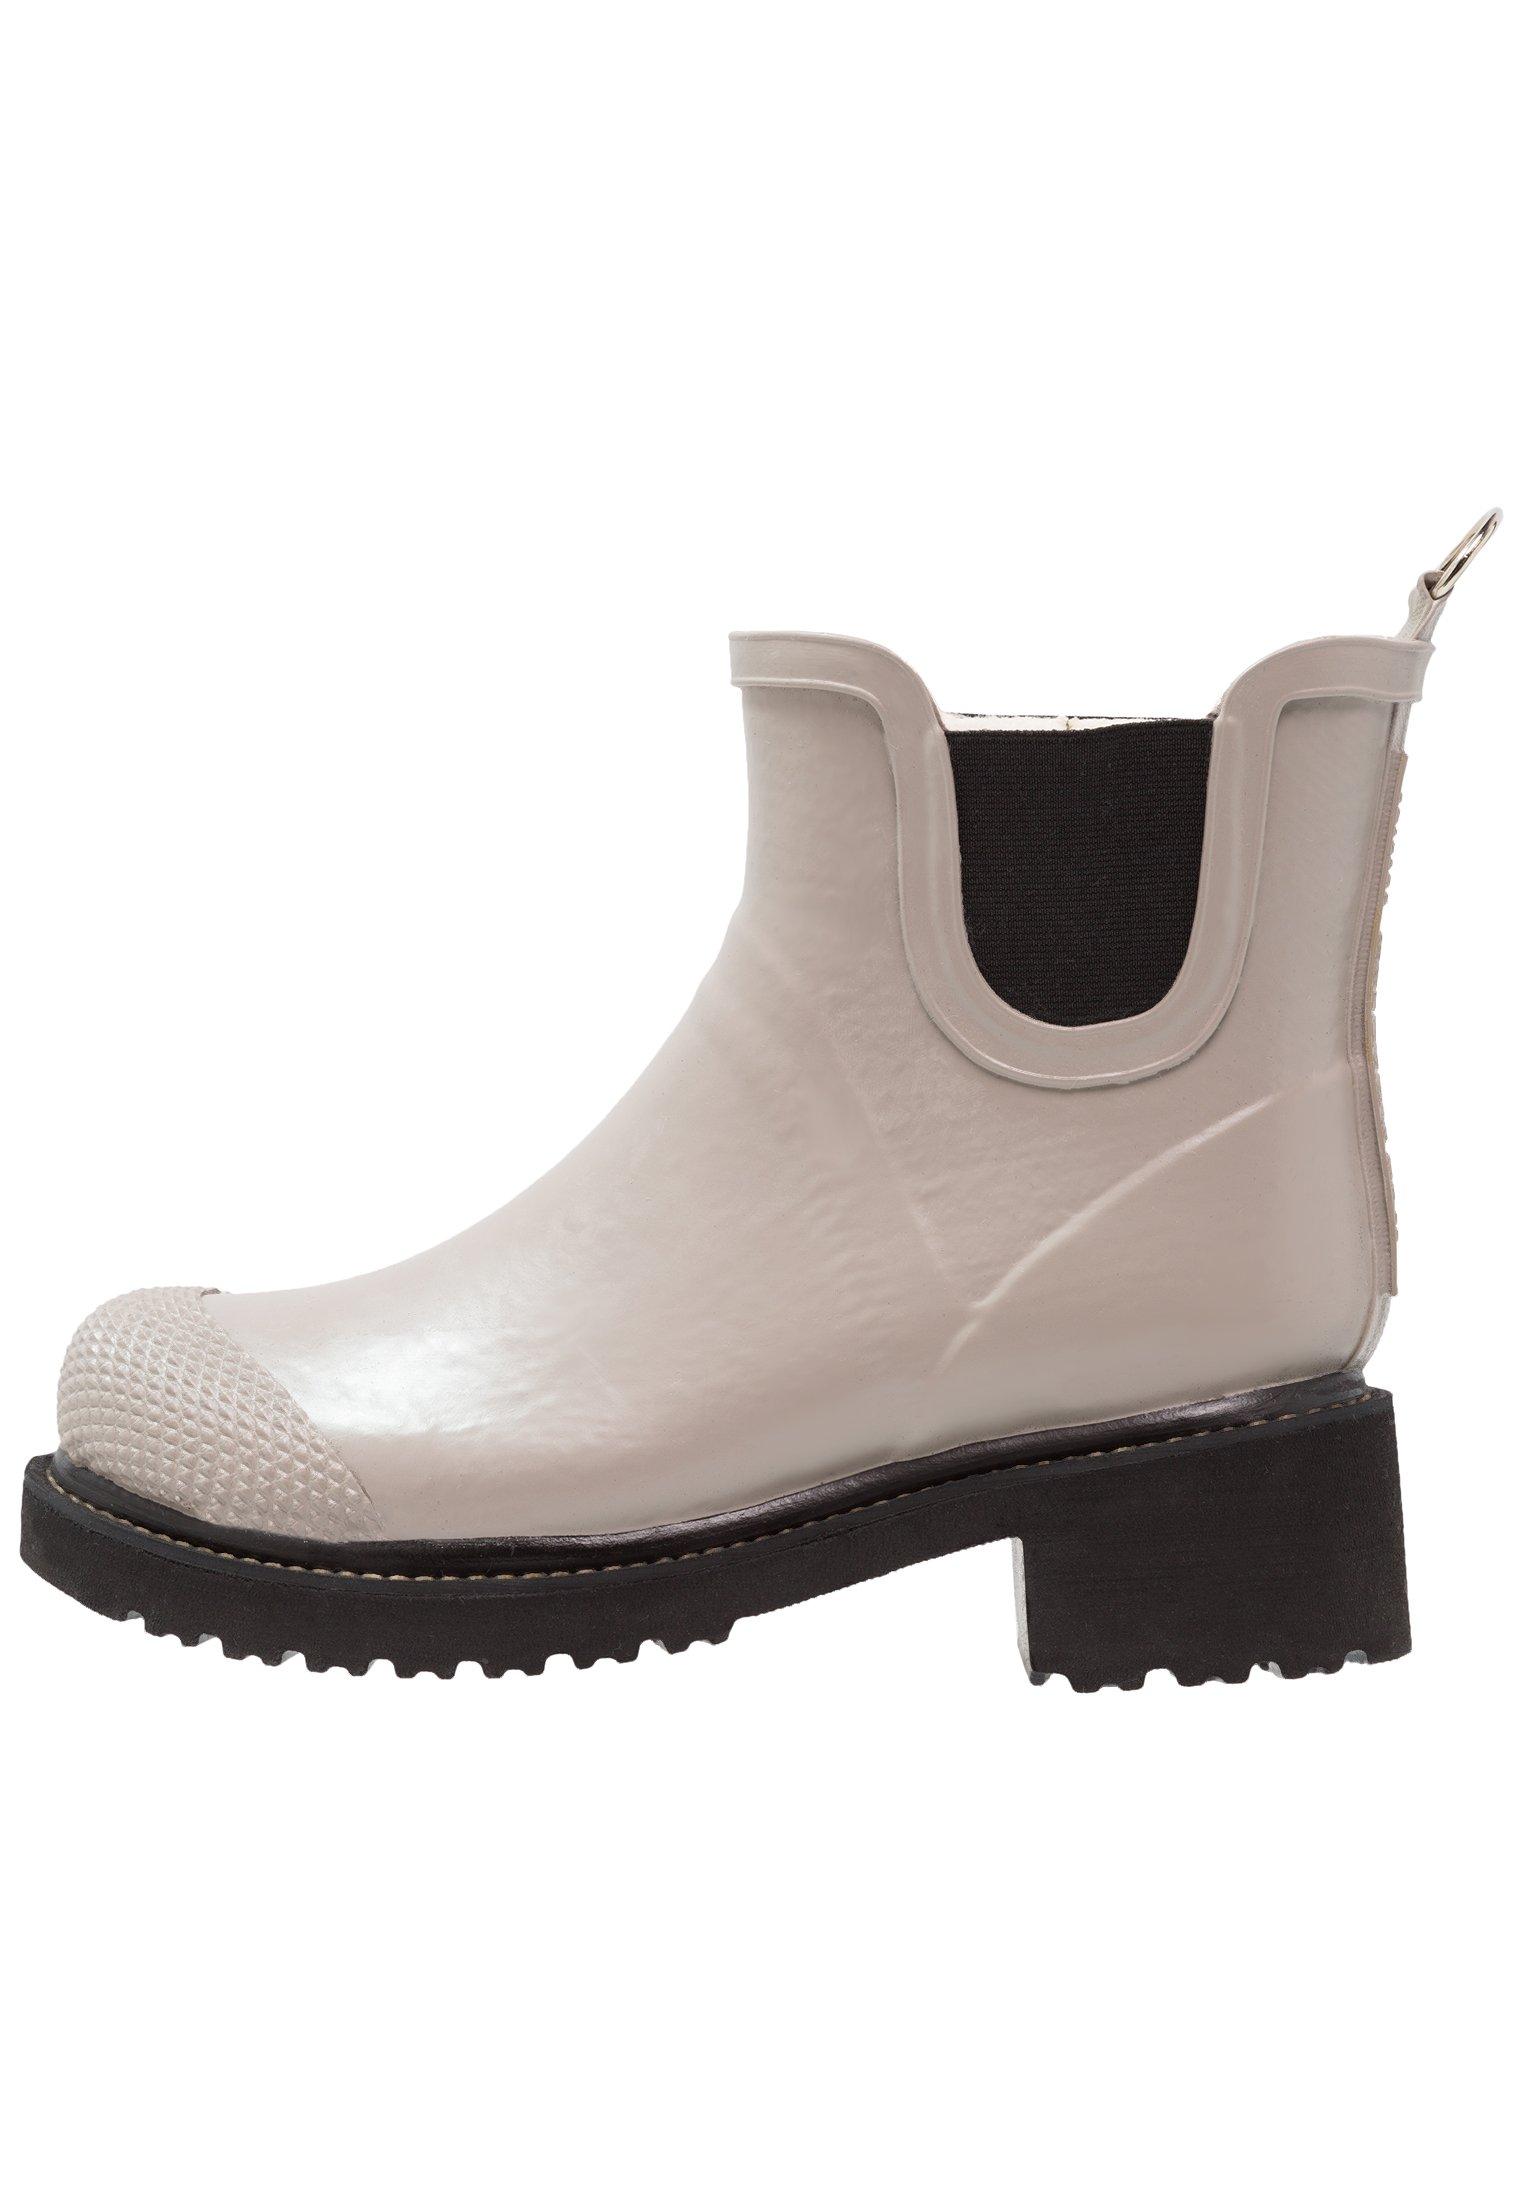 Gummistøvler | Sko til Dame | Gummistøvler på nett hos Zalando